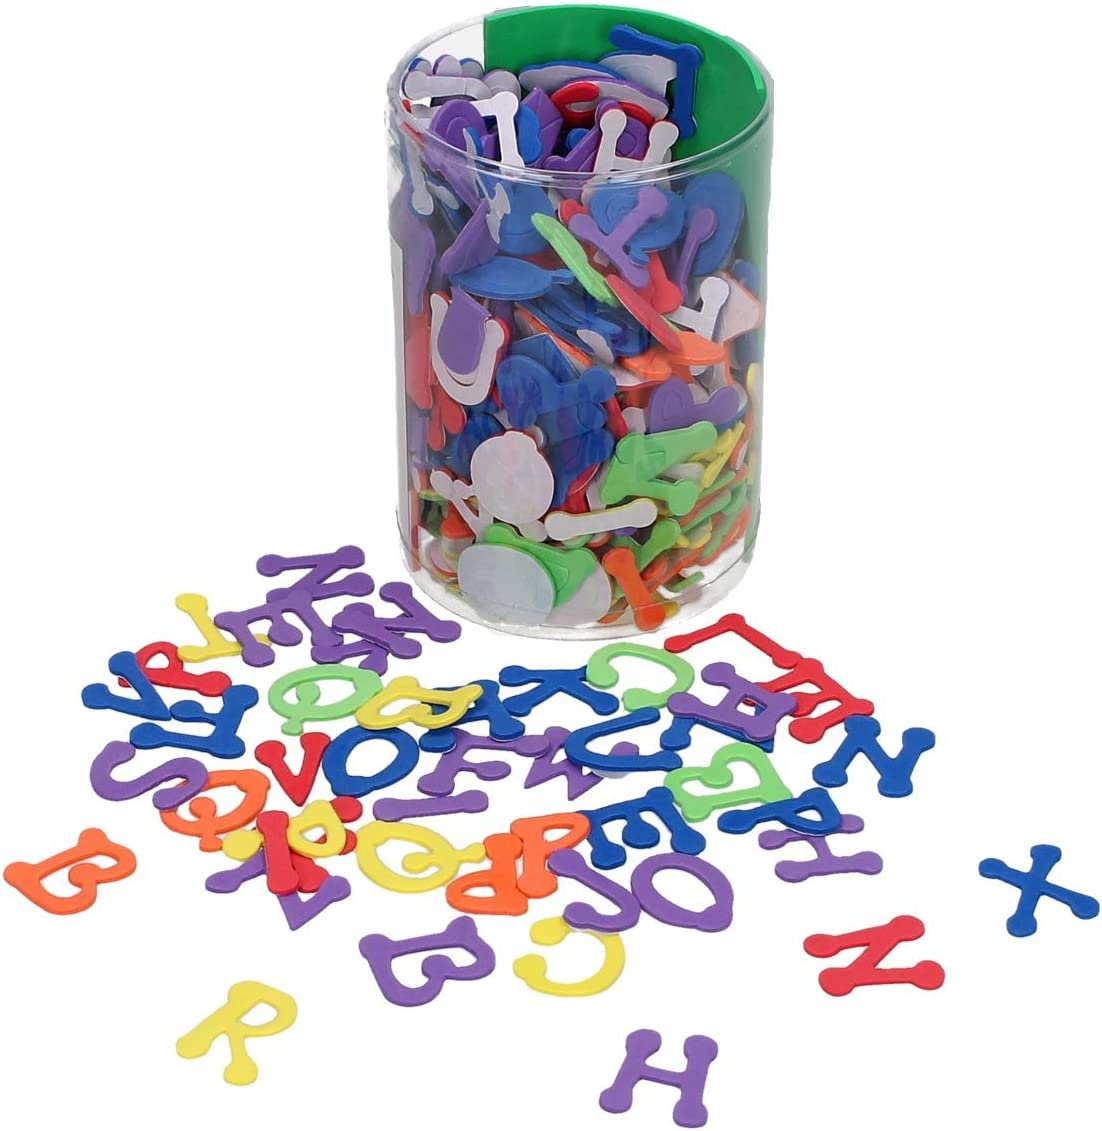 Beleduc - 40767 - Sticker - Espuma Cartas - 400 Piezas